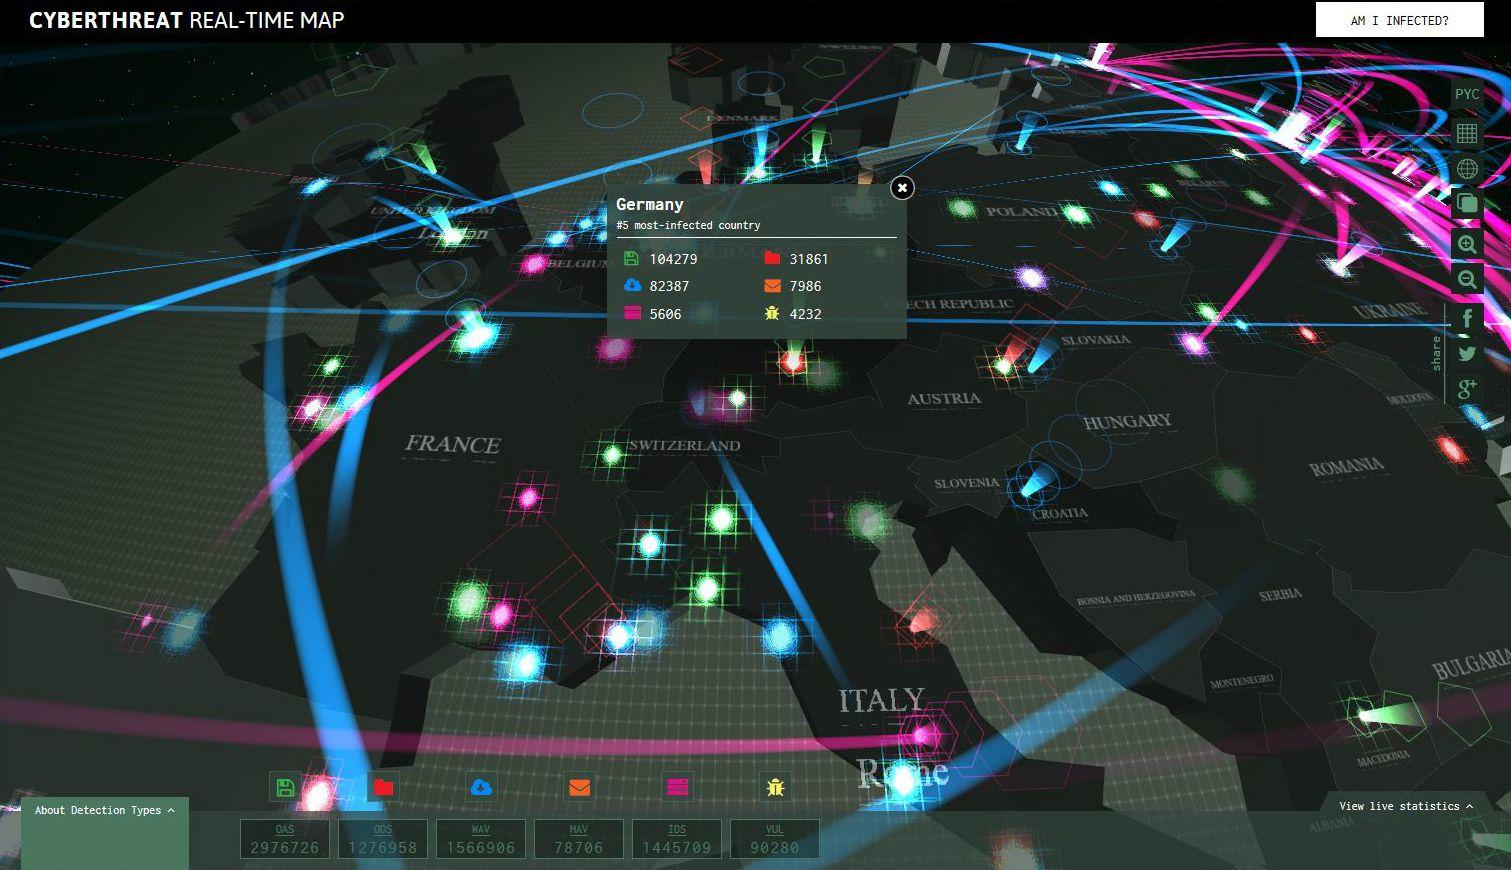 Mappa dei virus